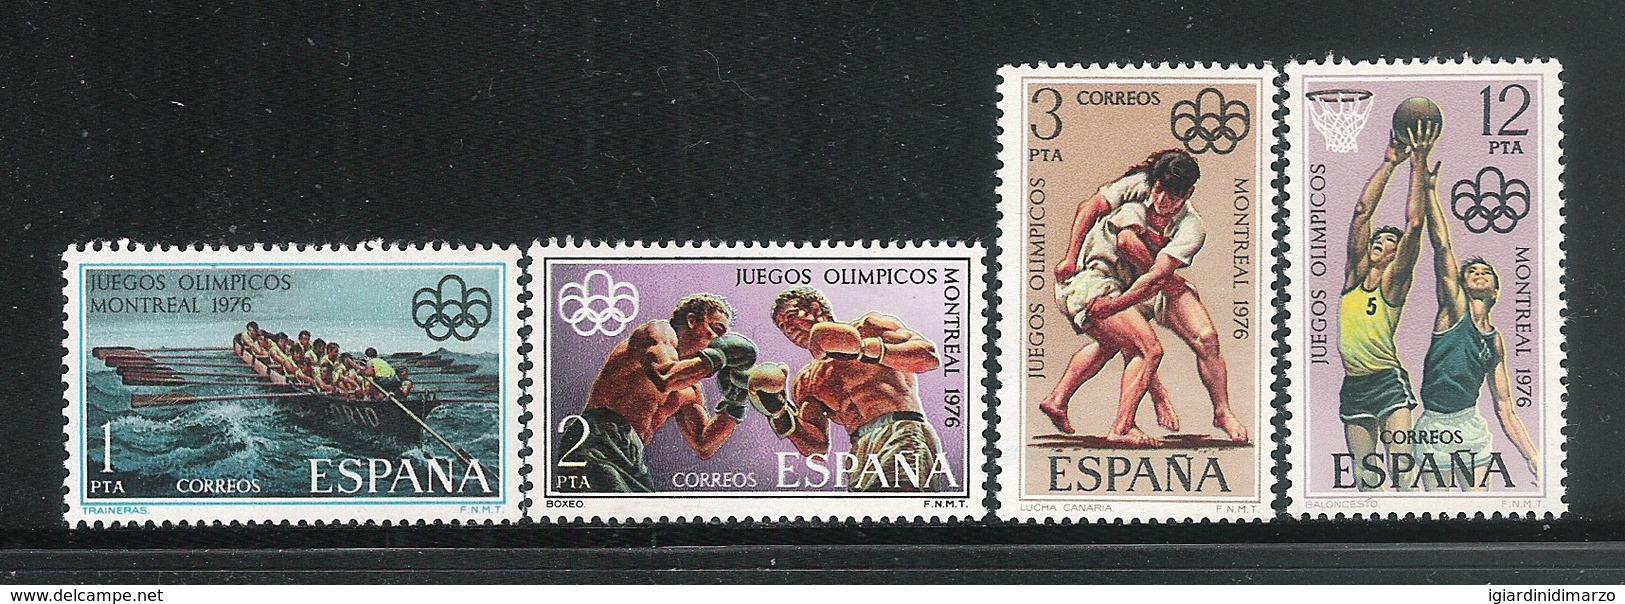 SPAGNA - 1976: 4 VALORI NUOVI STL DEDICATI AI GIOCHI OLIMPICI DI MONTREAL - IN BUONE CONDIZIONI. - Estate 1976: Montreal